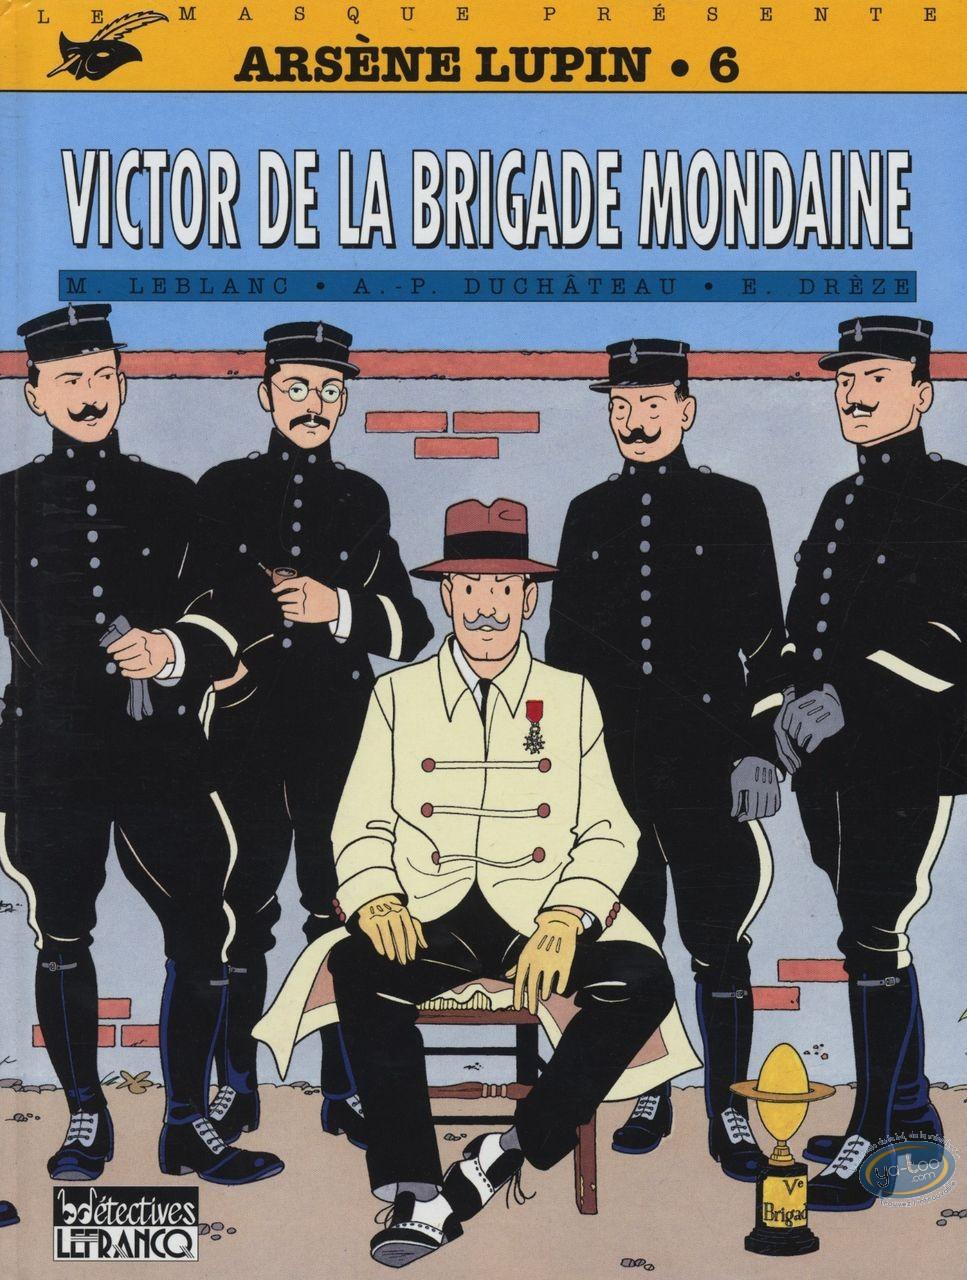 BD prix mini, Arsène Lupin : Victor de la brigade mondaine